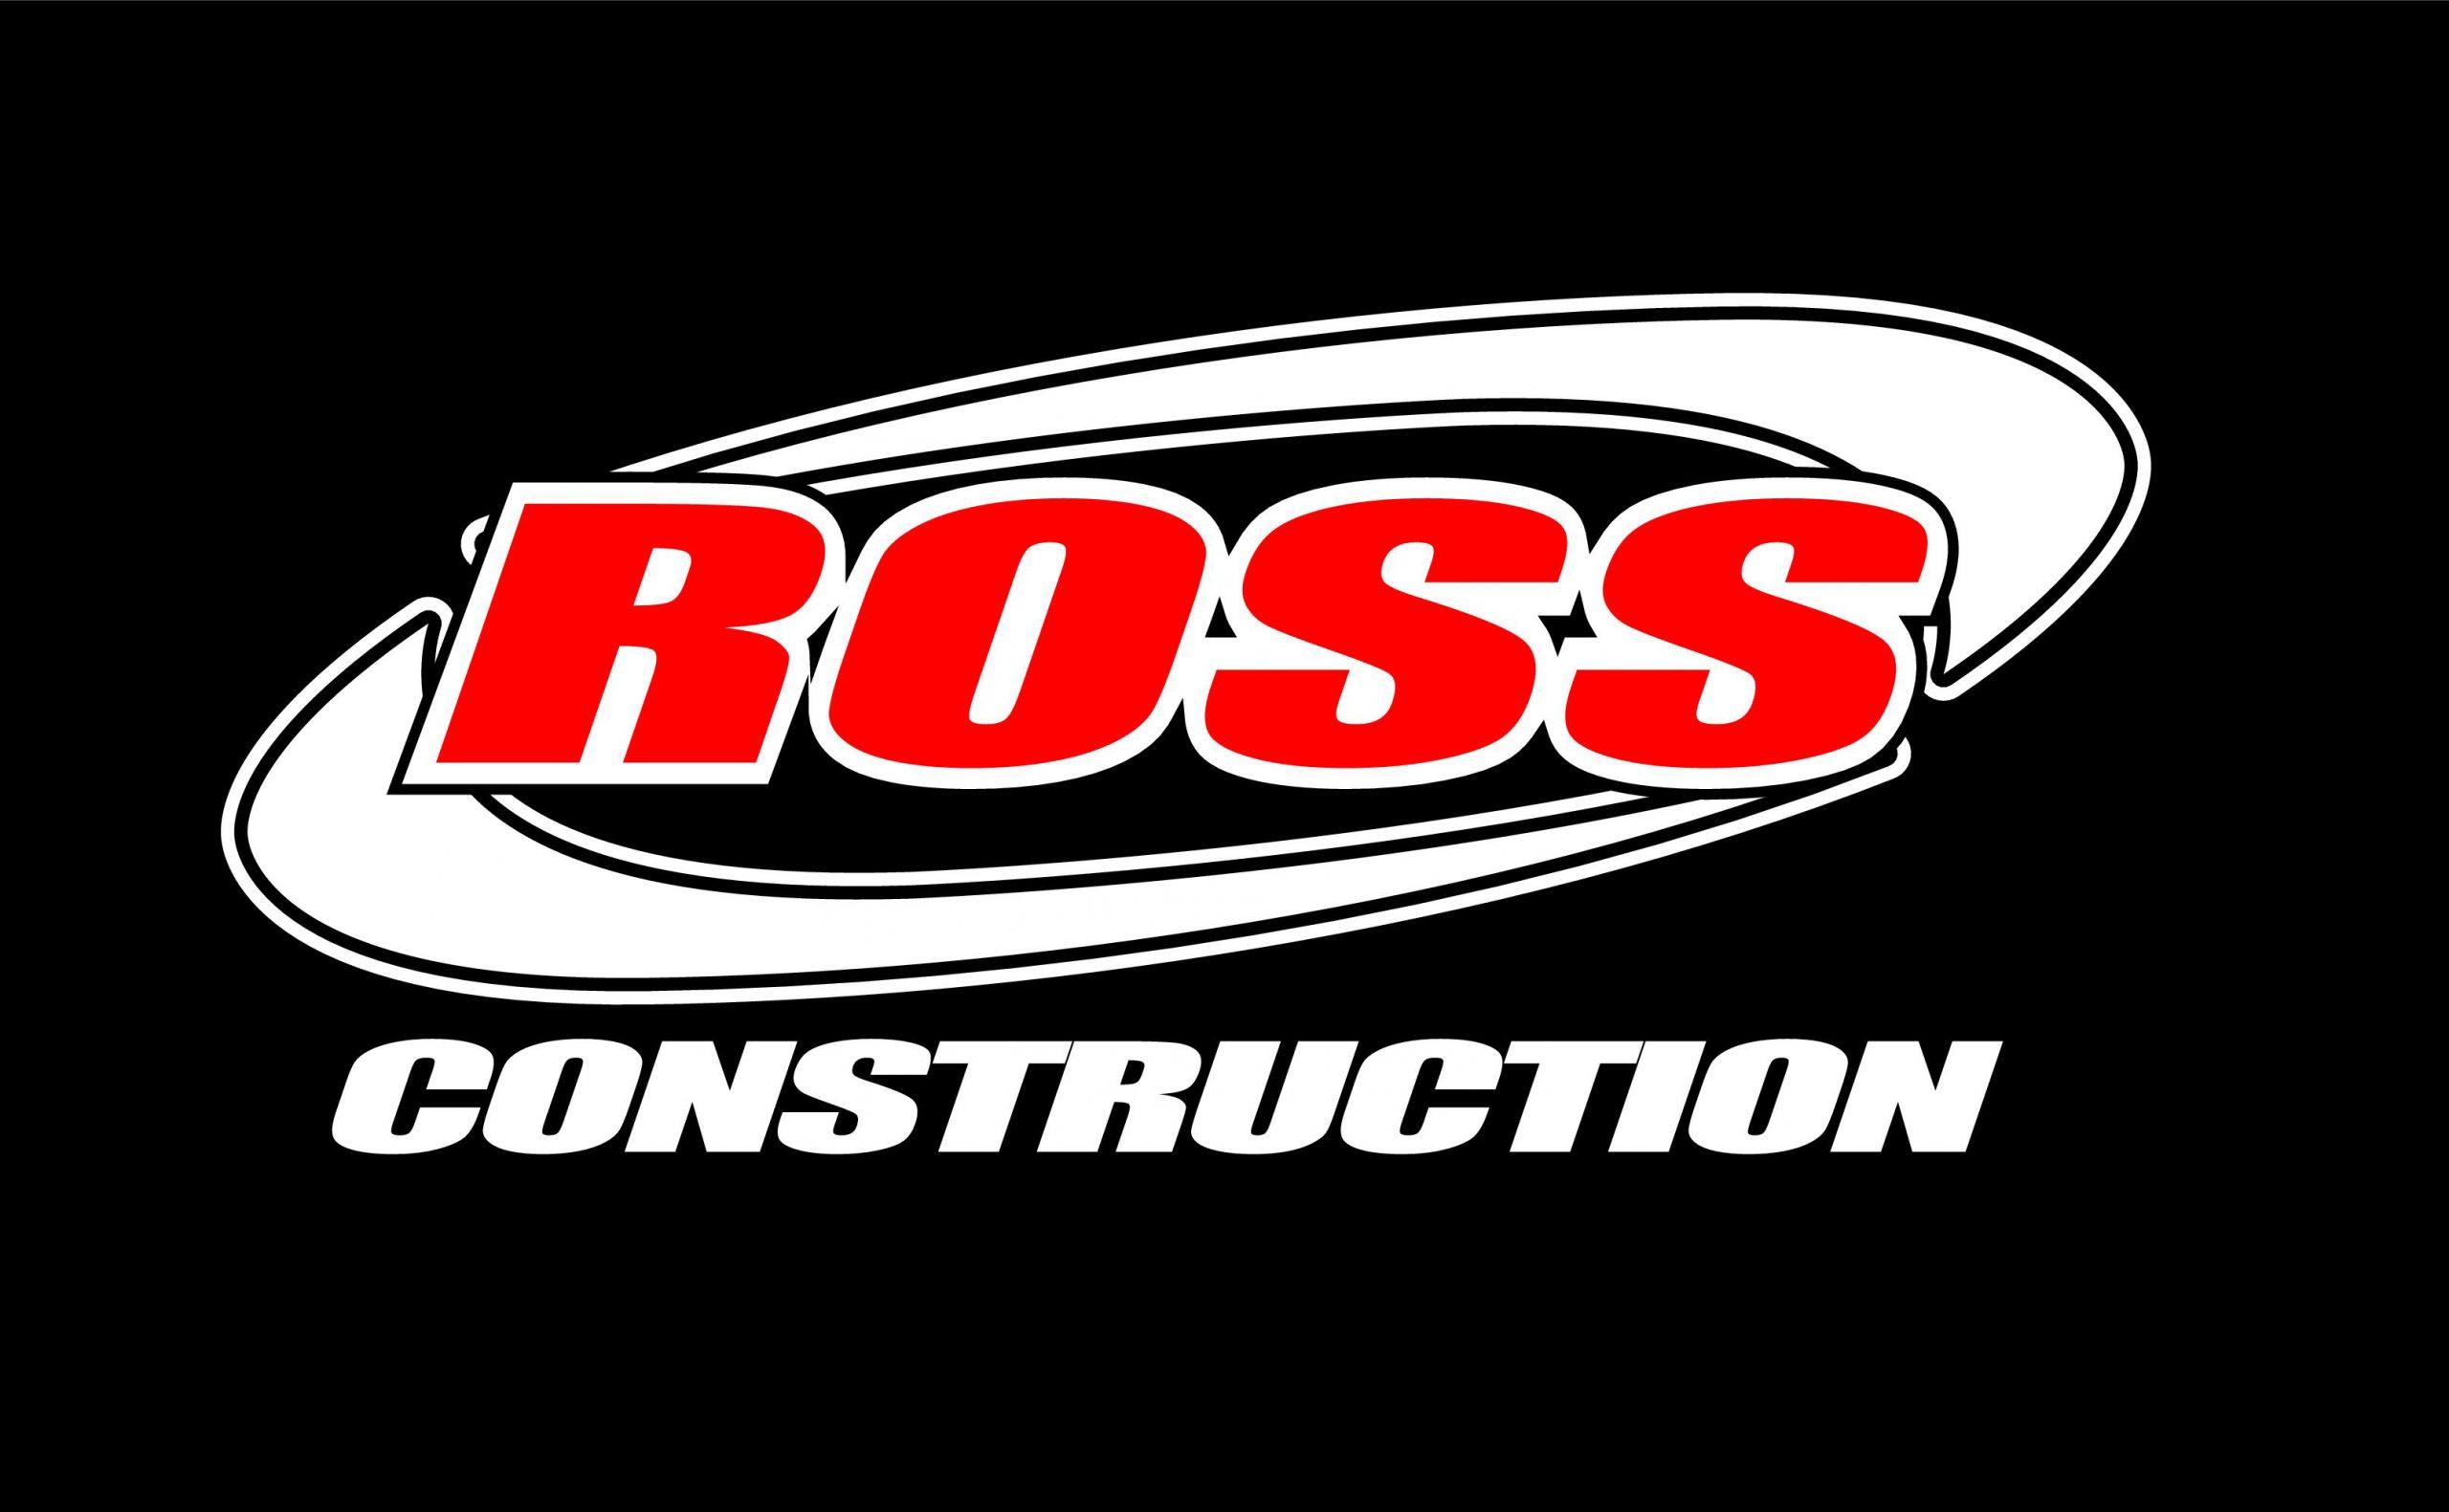 Ross Construction logo black